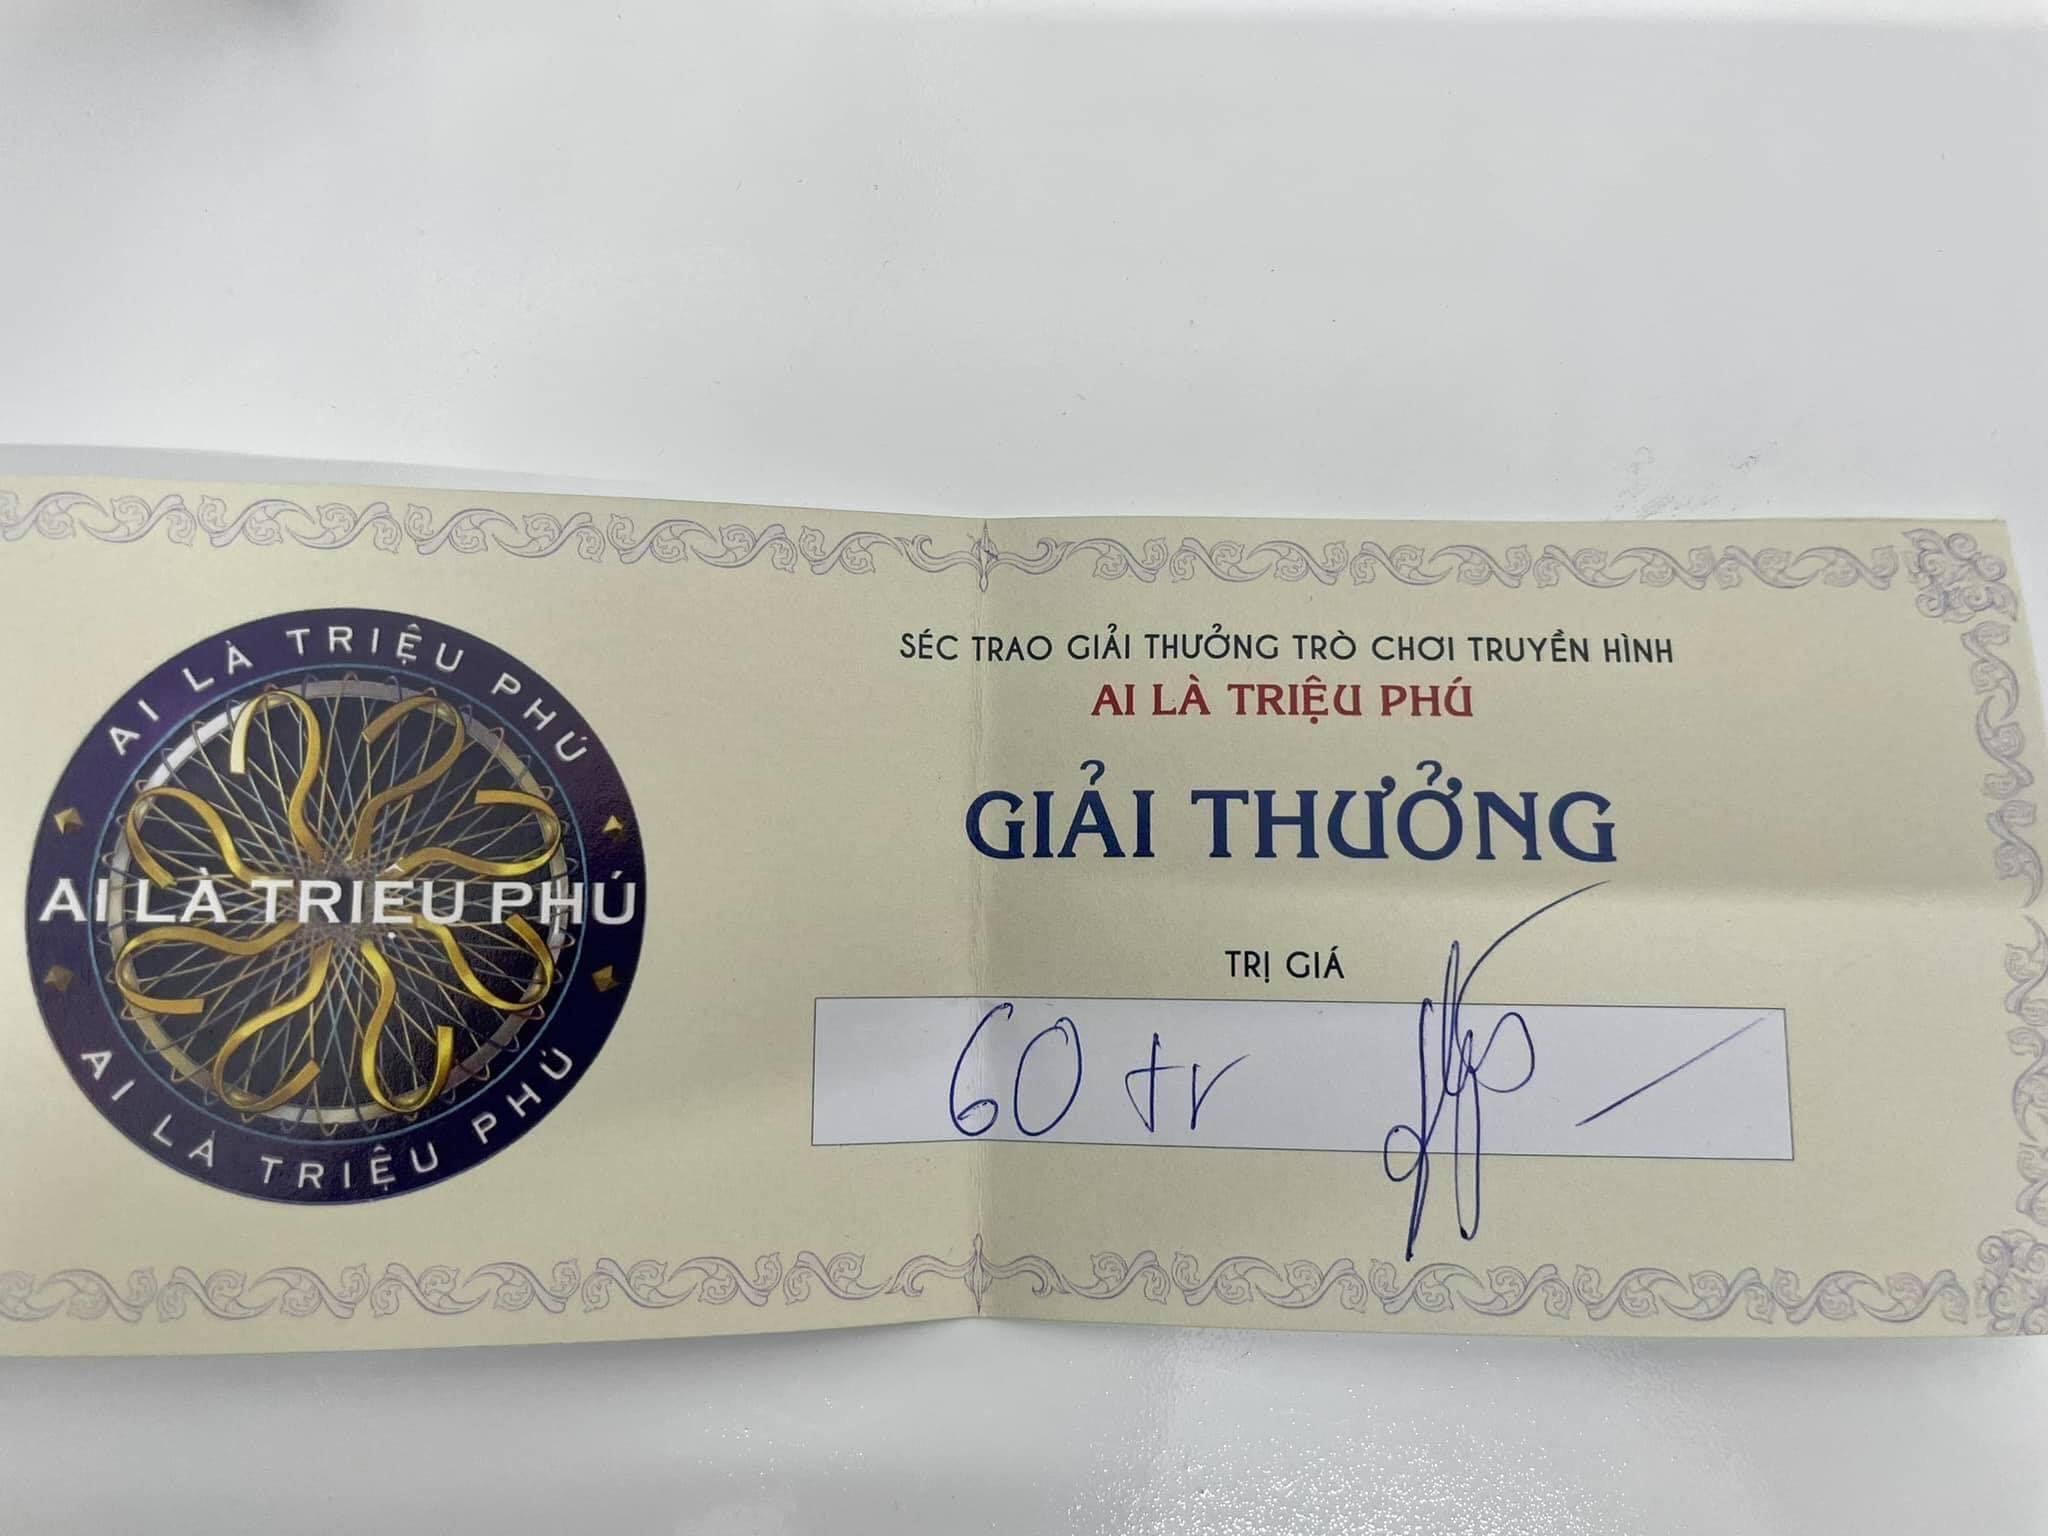 Việt Anh vượt qua câu hỏi 13 'Ai là triệu phú': 'Tham gia chương trình tôi áp lực lắm, nghĩ giỏi thì được 20 triệu!'